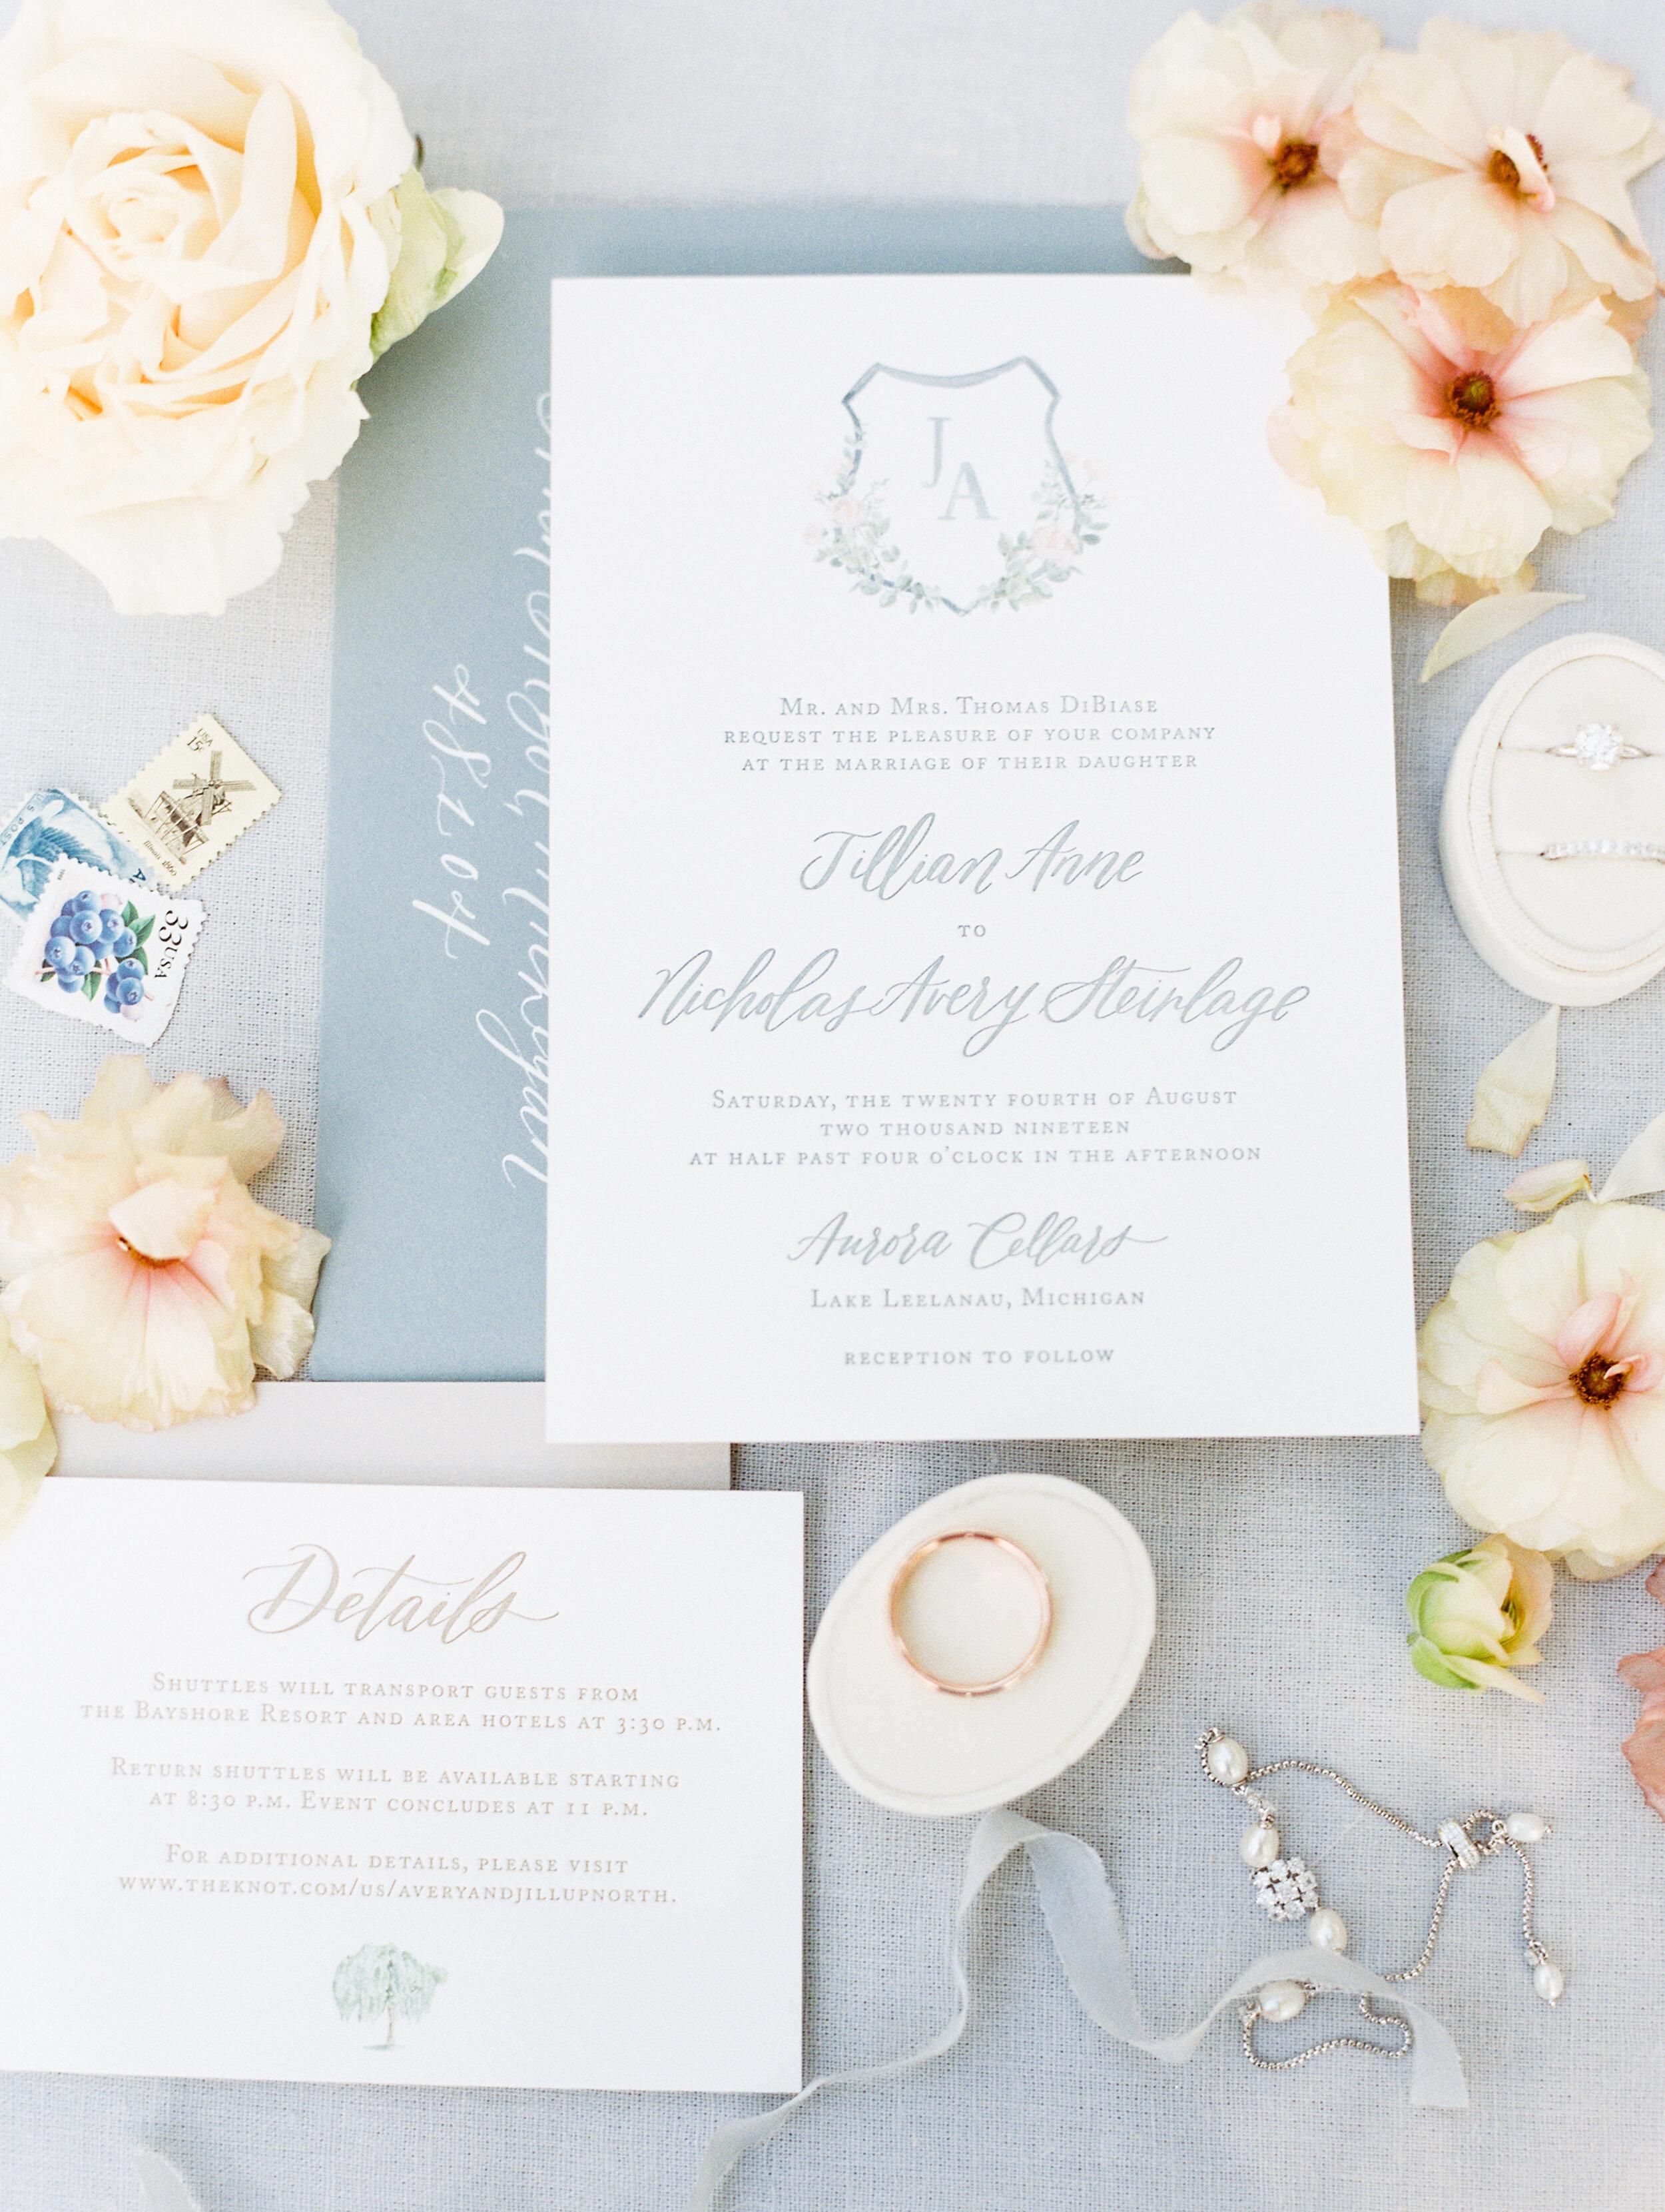 Steinlage+Wedding+Details-11.jpg